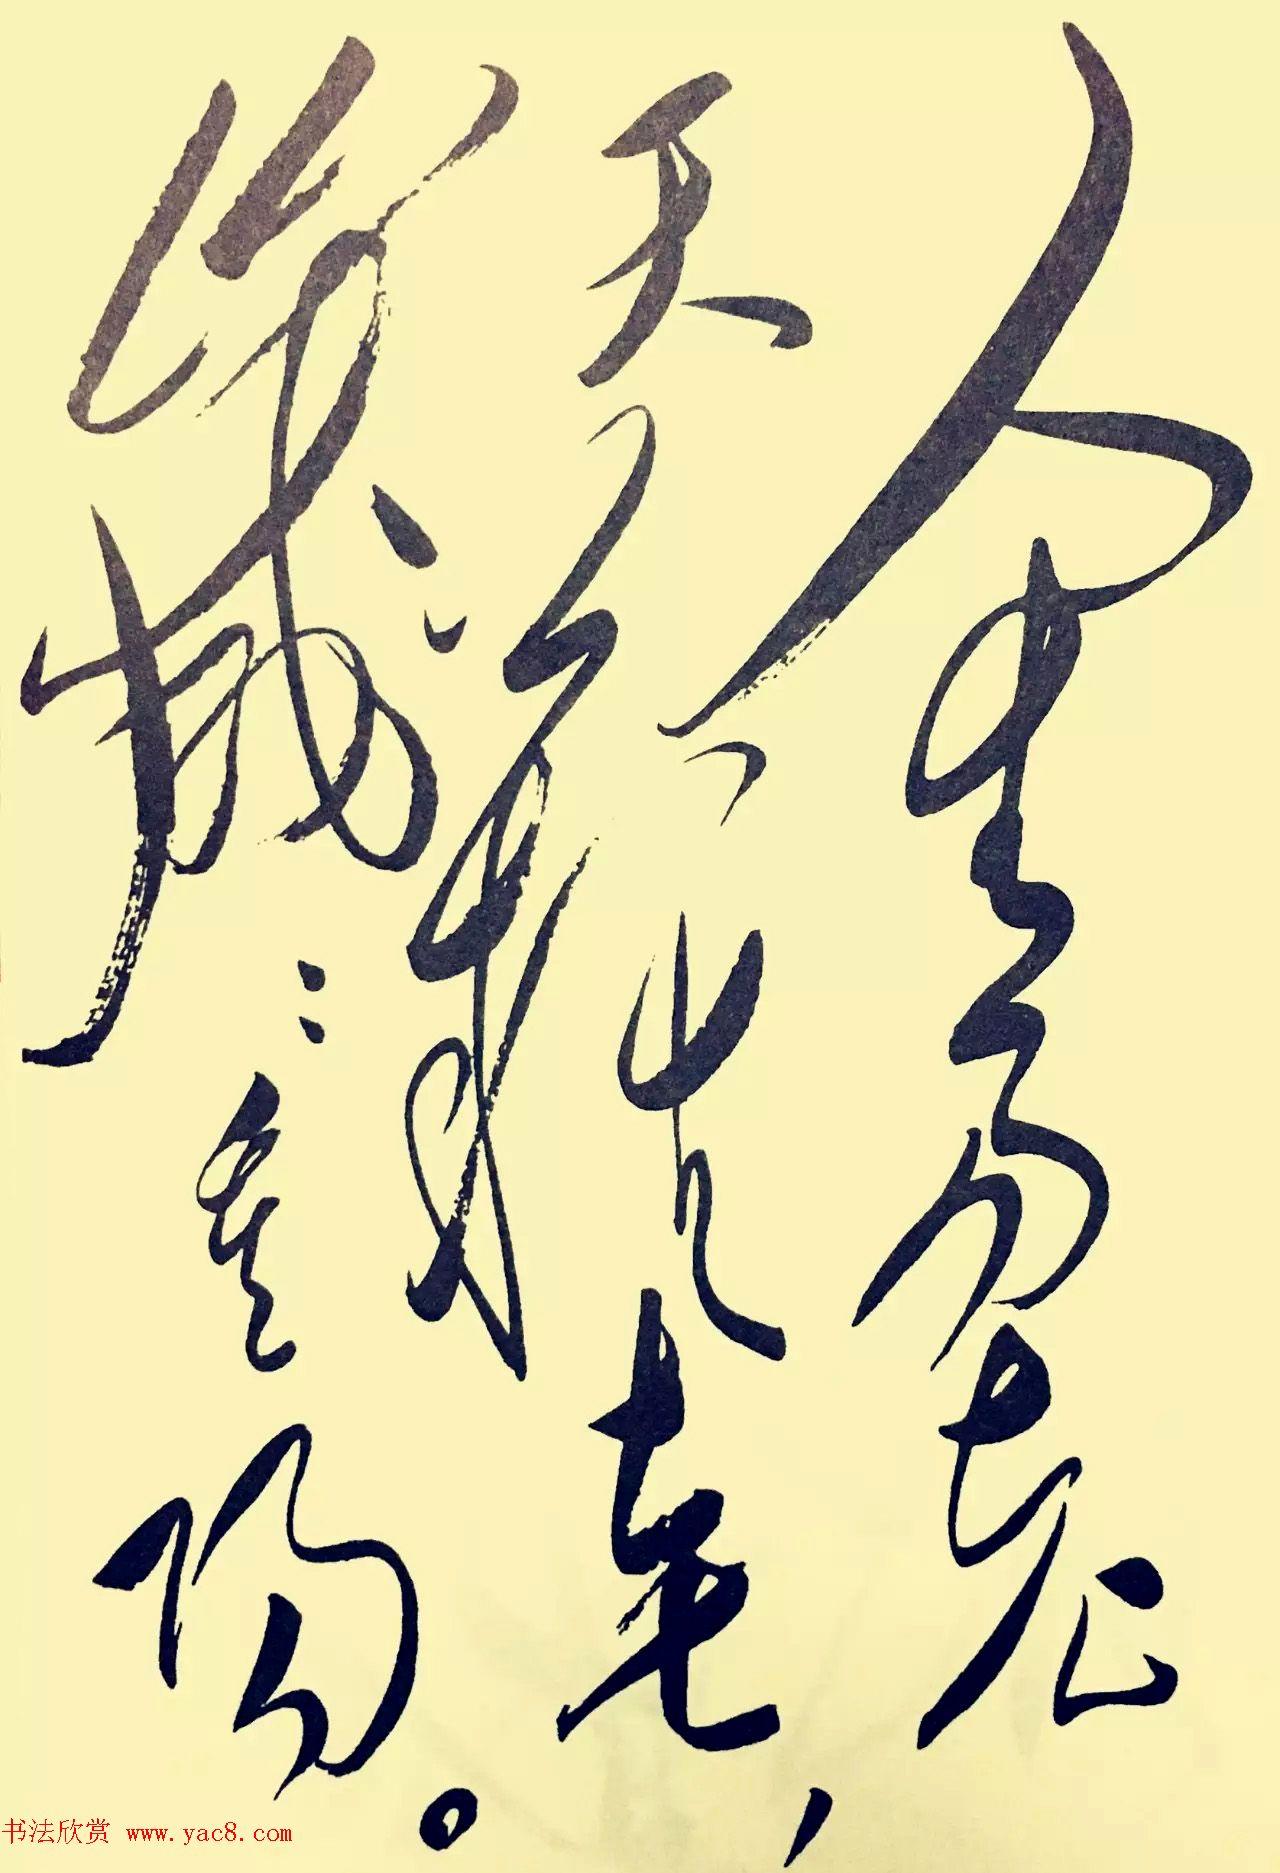 毛泽东草书欣赏《采桑子·重阳》